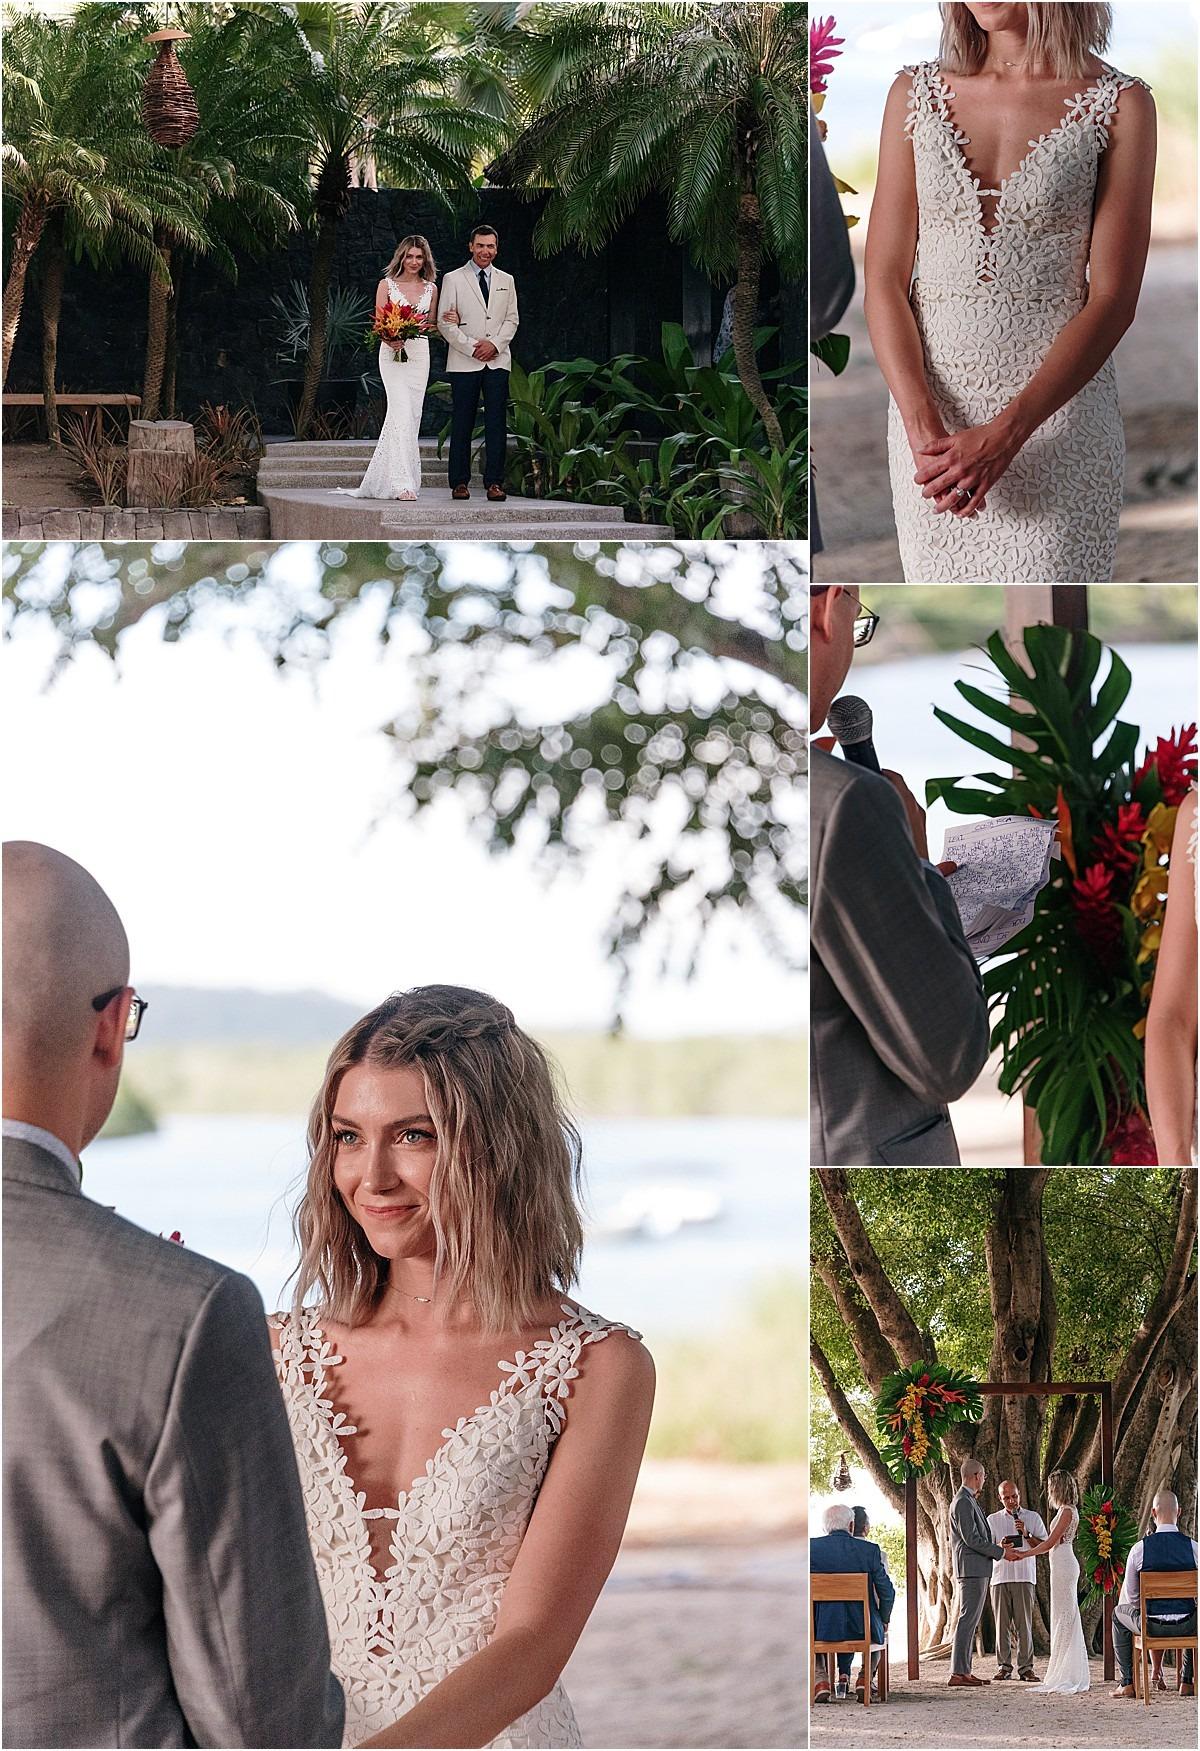 dad-walking-daughter-in-pangas-wedding-tropics